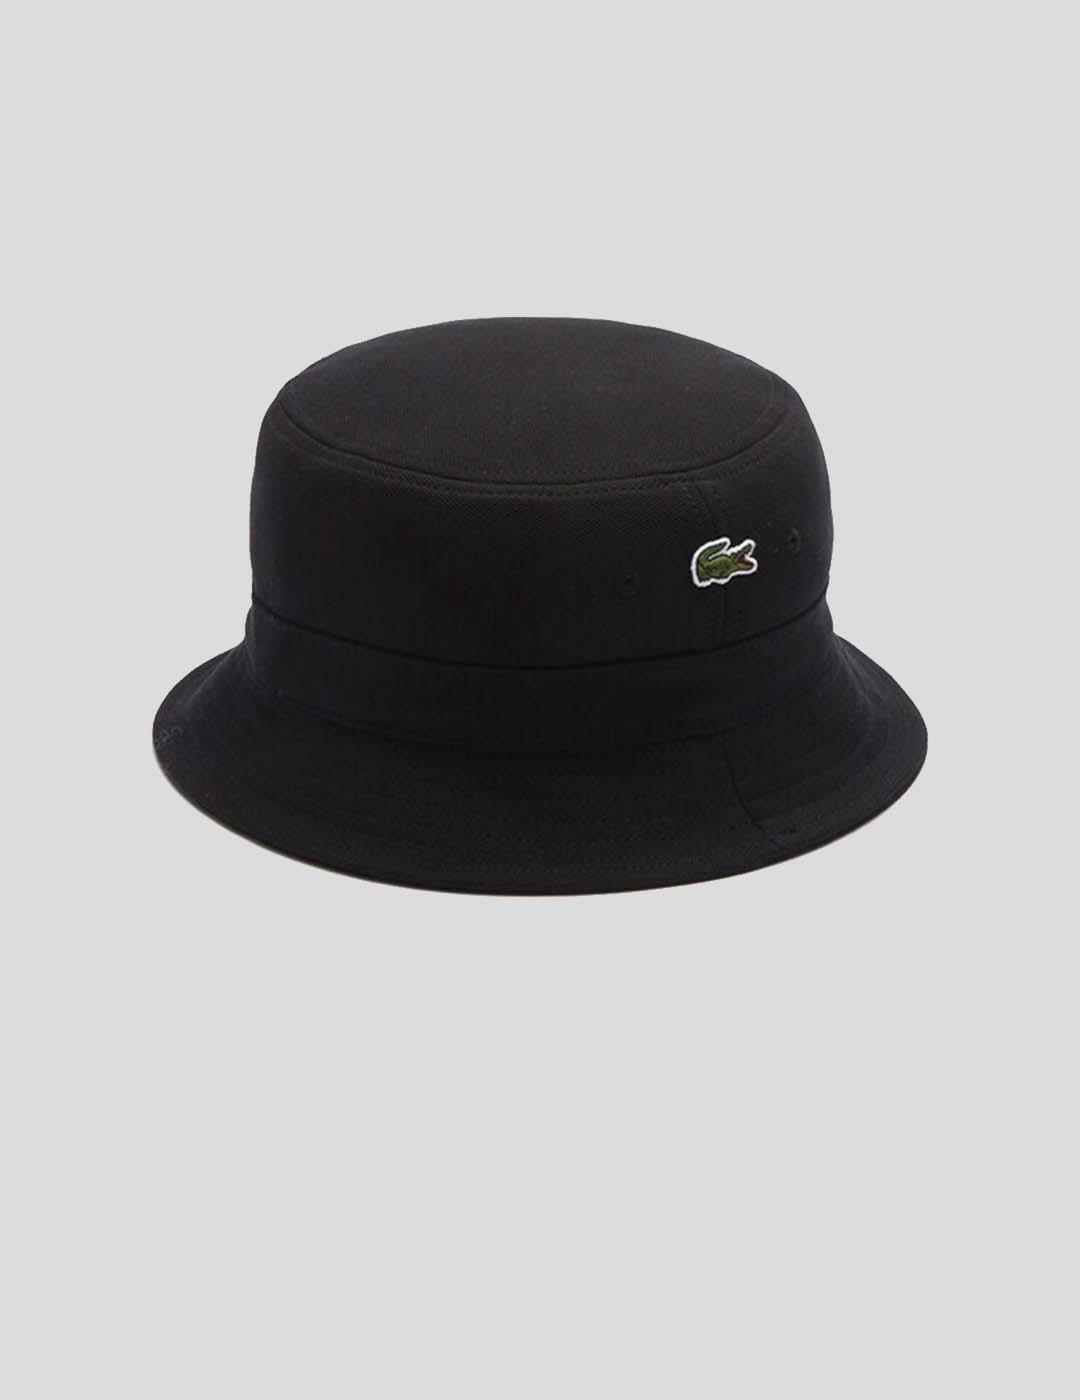 GORRA LACOSTE RK2056 BUCKET HAT BLACK